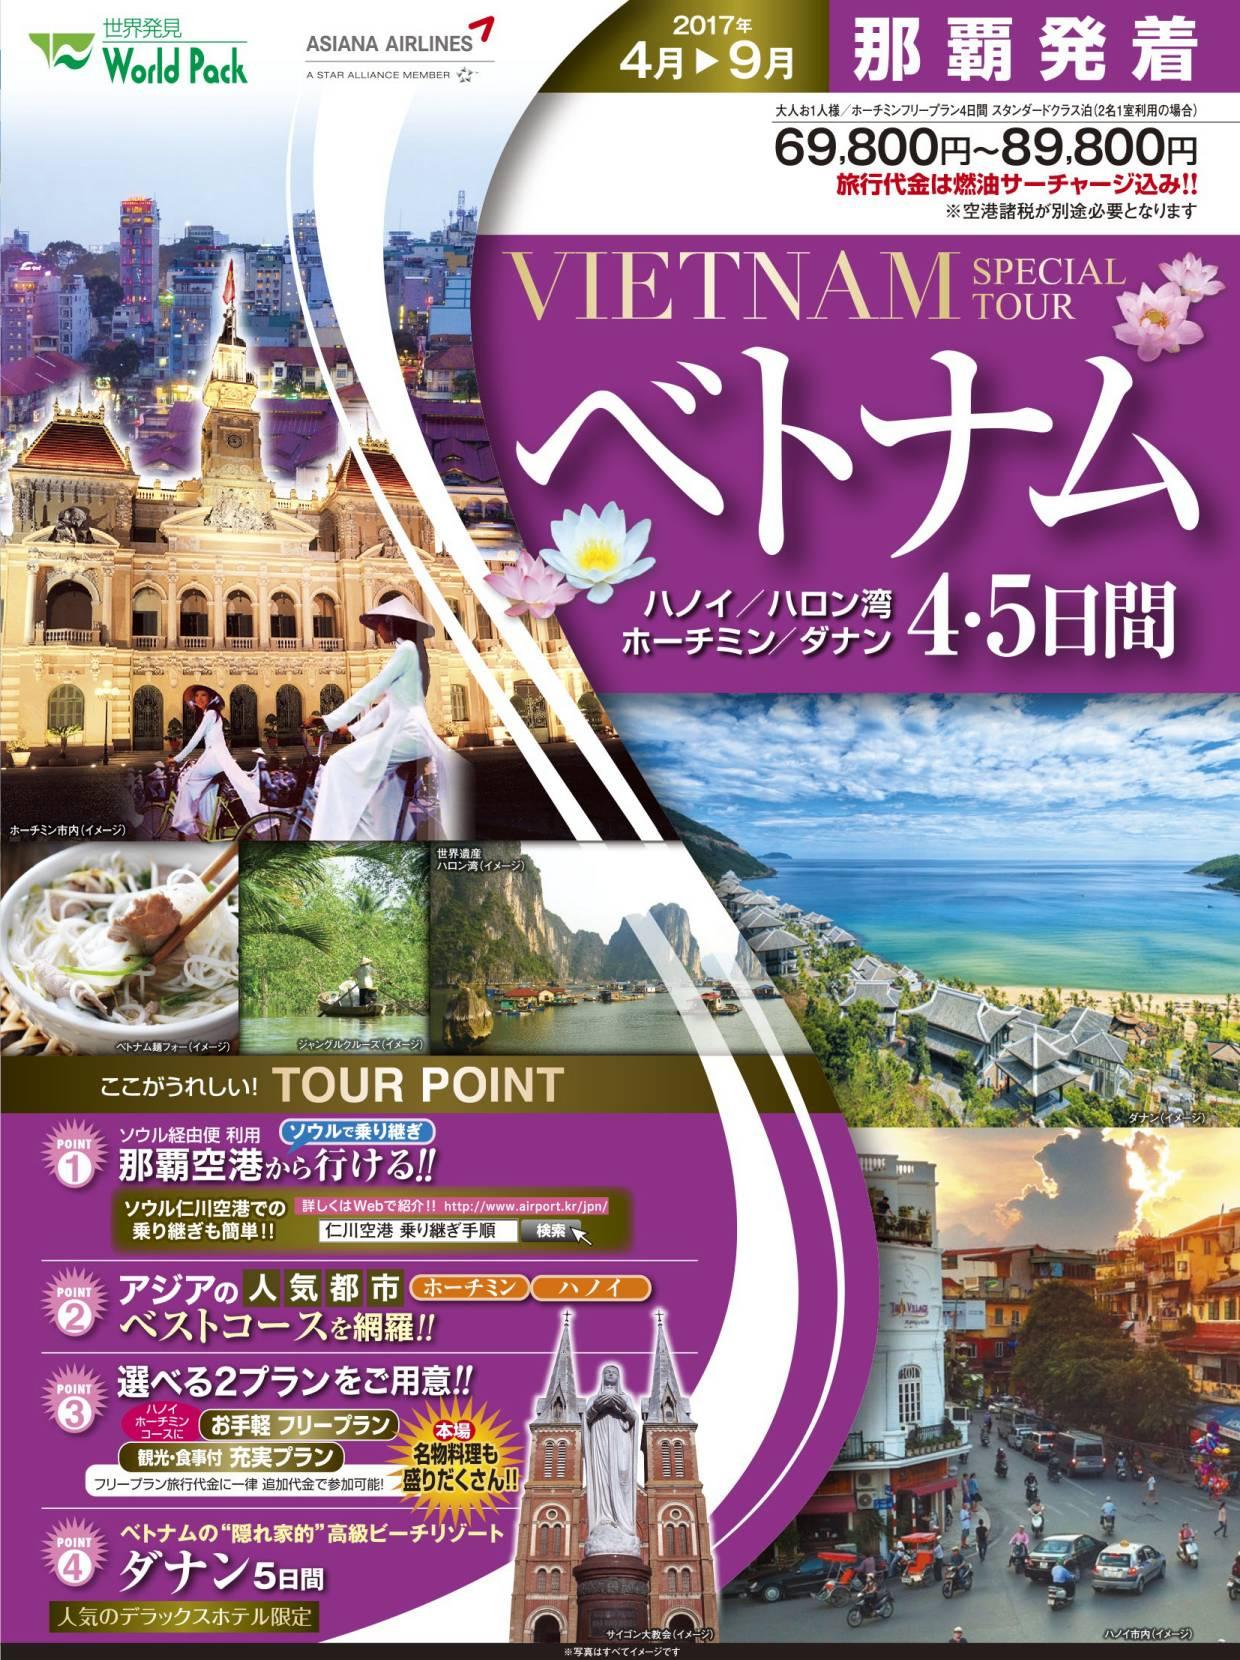 アシアナ航空で行くベトナム 4・5日間 17年4月~17年9月|那覇発 ベトナムツアー